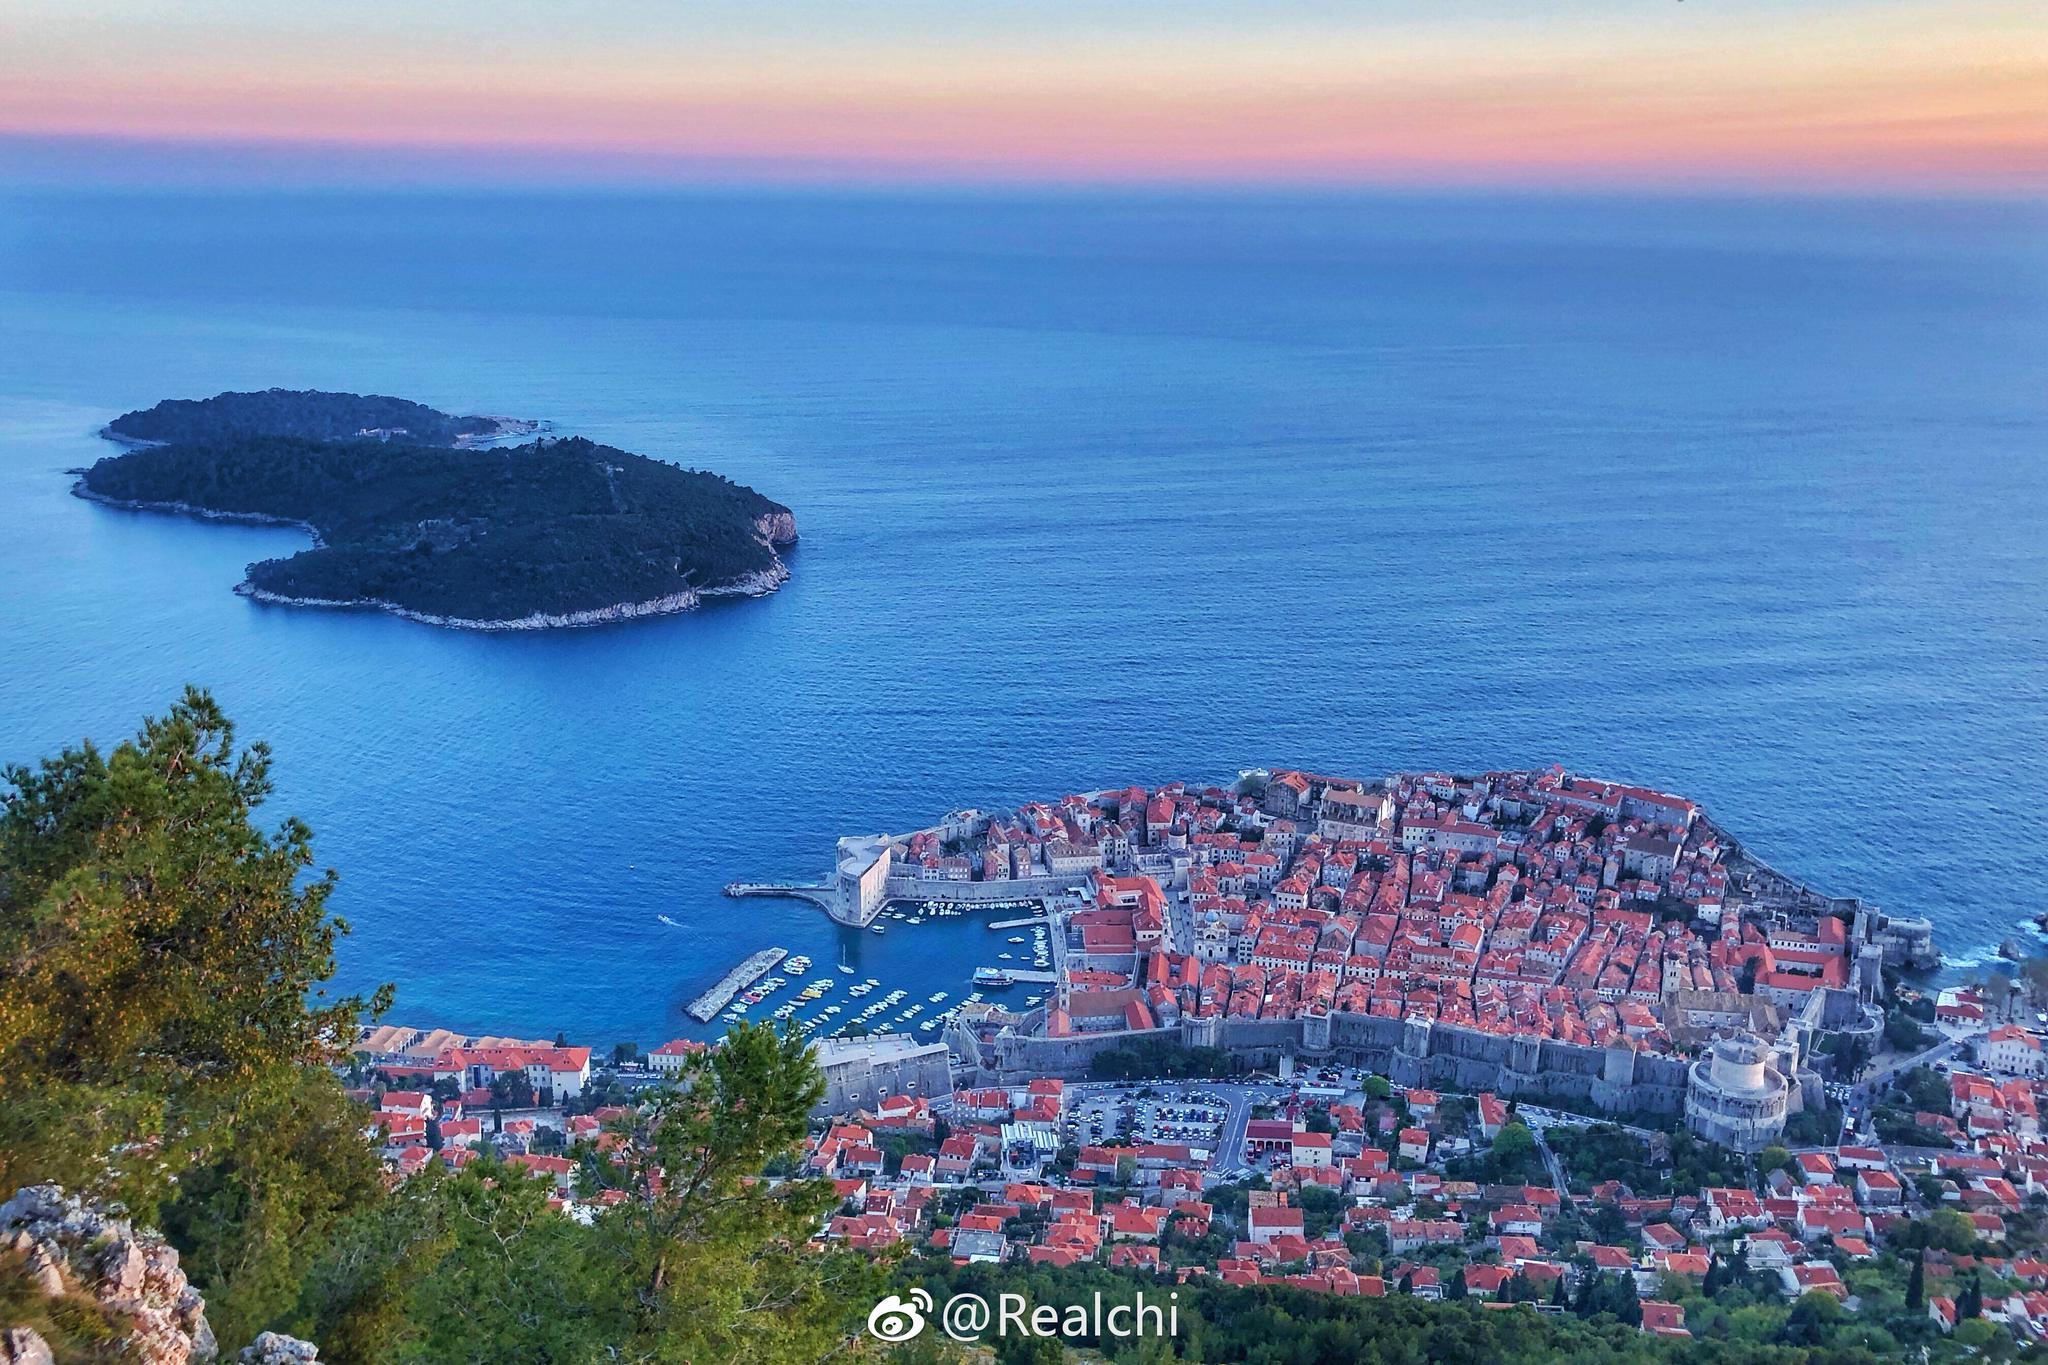 俯瞰克罗地亚最著名的旅游城市:杜布罗夫尼克